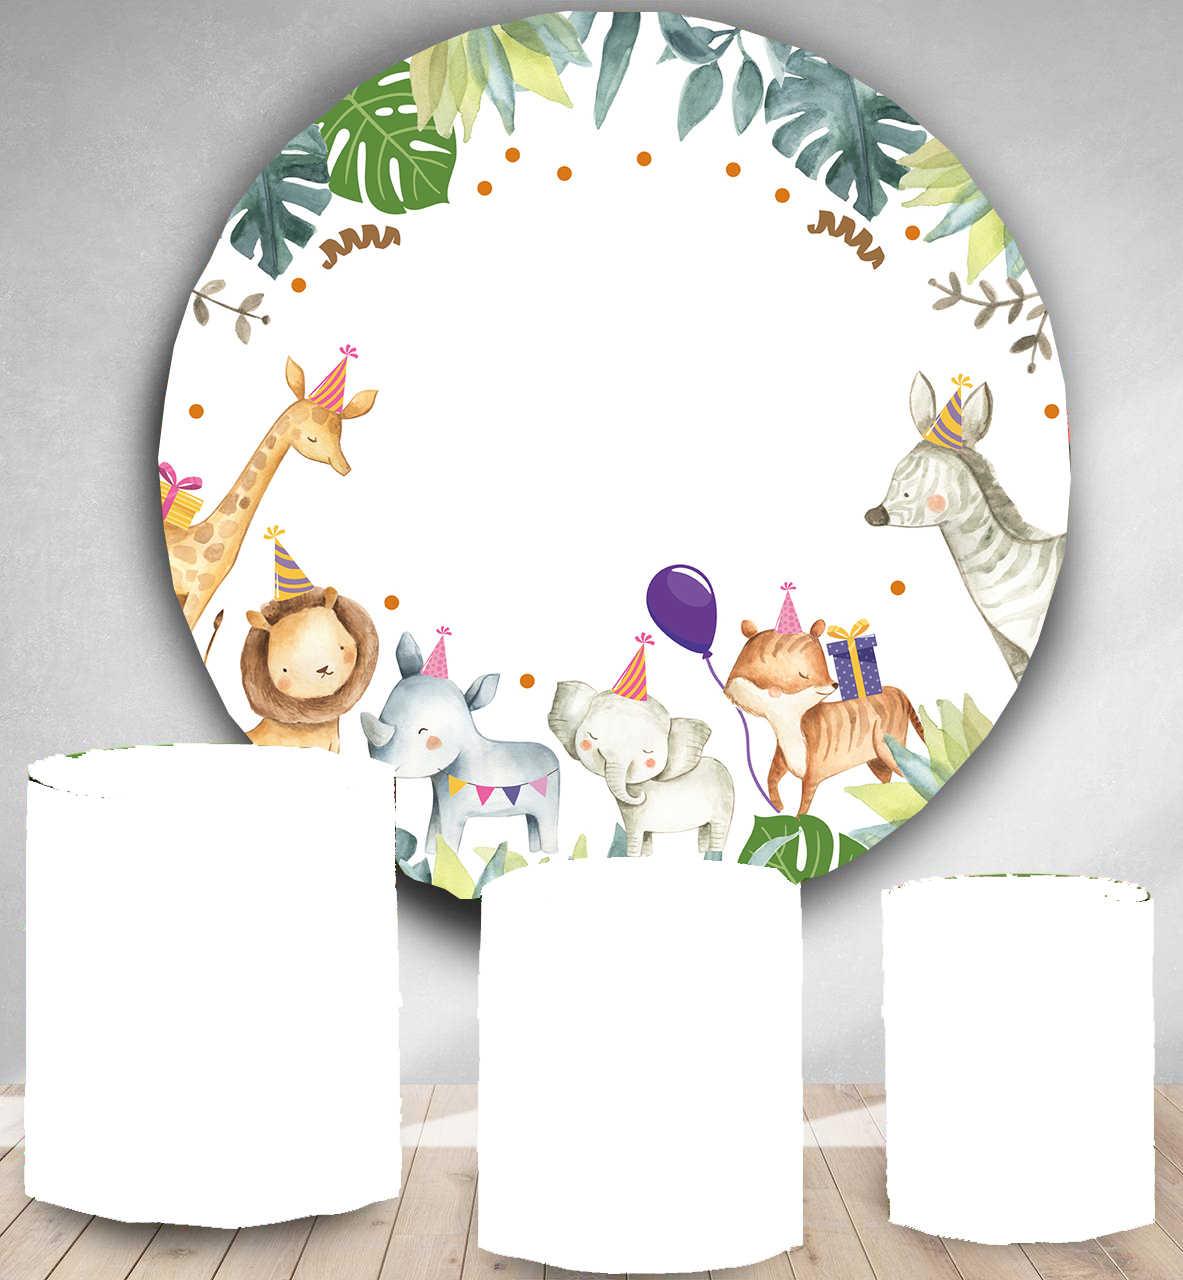 Daire fotoğraf backdrop altın glitter flaş doğum günü partisi afiş yuvarlak fotoğraf kabini arka plan tatlı kek masa vinil